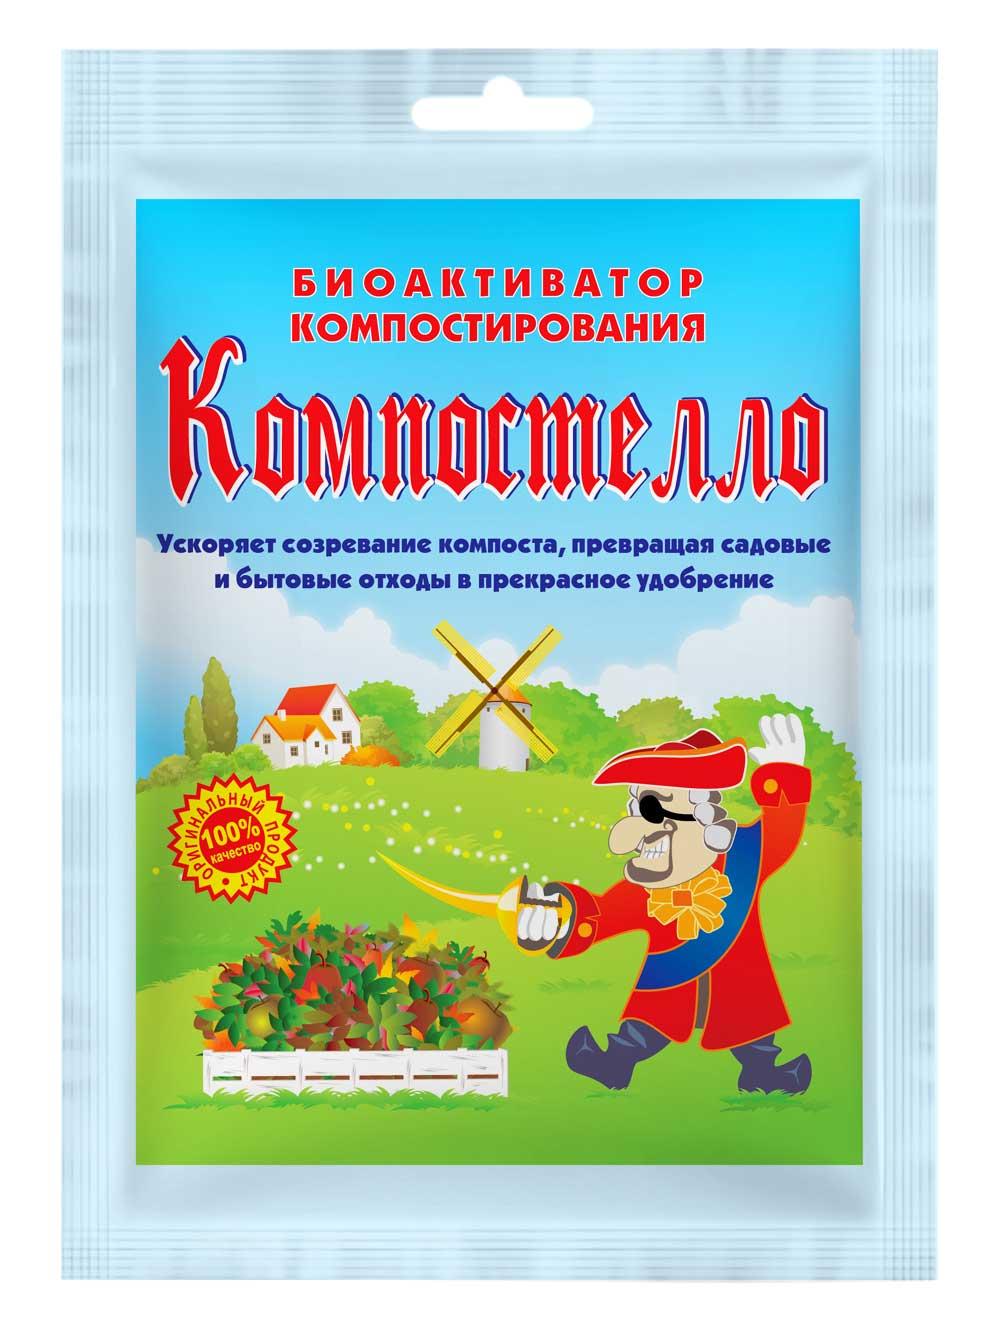 """Биоактиватор компостирования """"Компостелло"""", 70 г"""